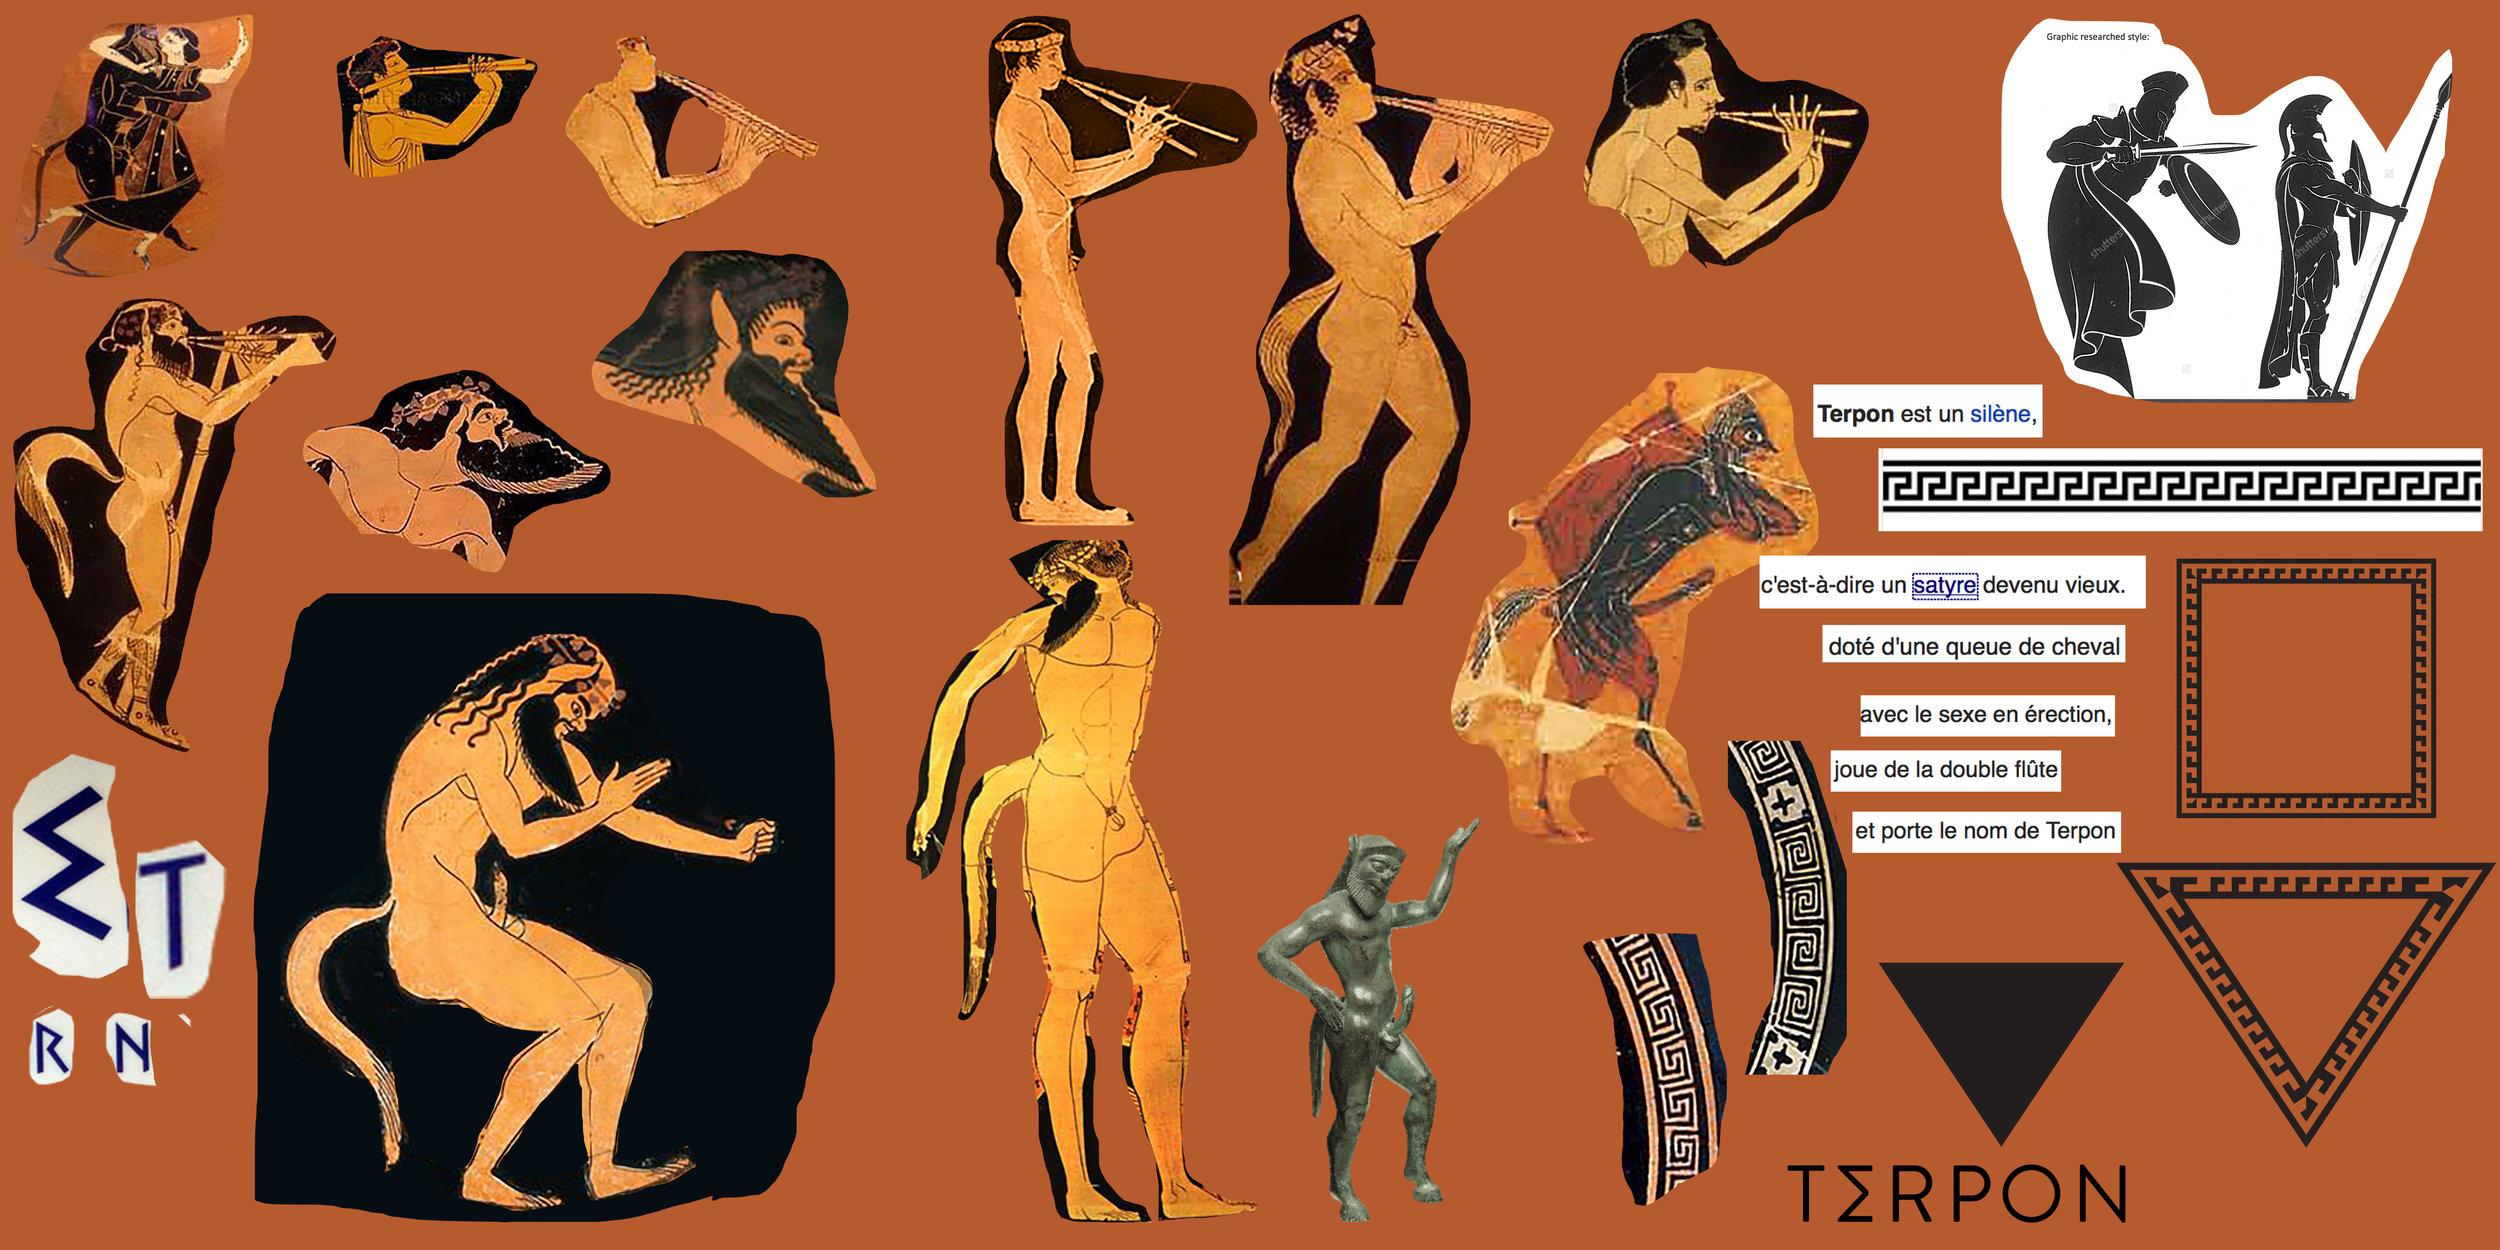 Planche d'inspirations et références graphiques. Images d'archives illustrant TERPON